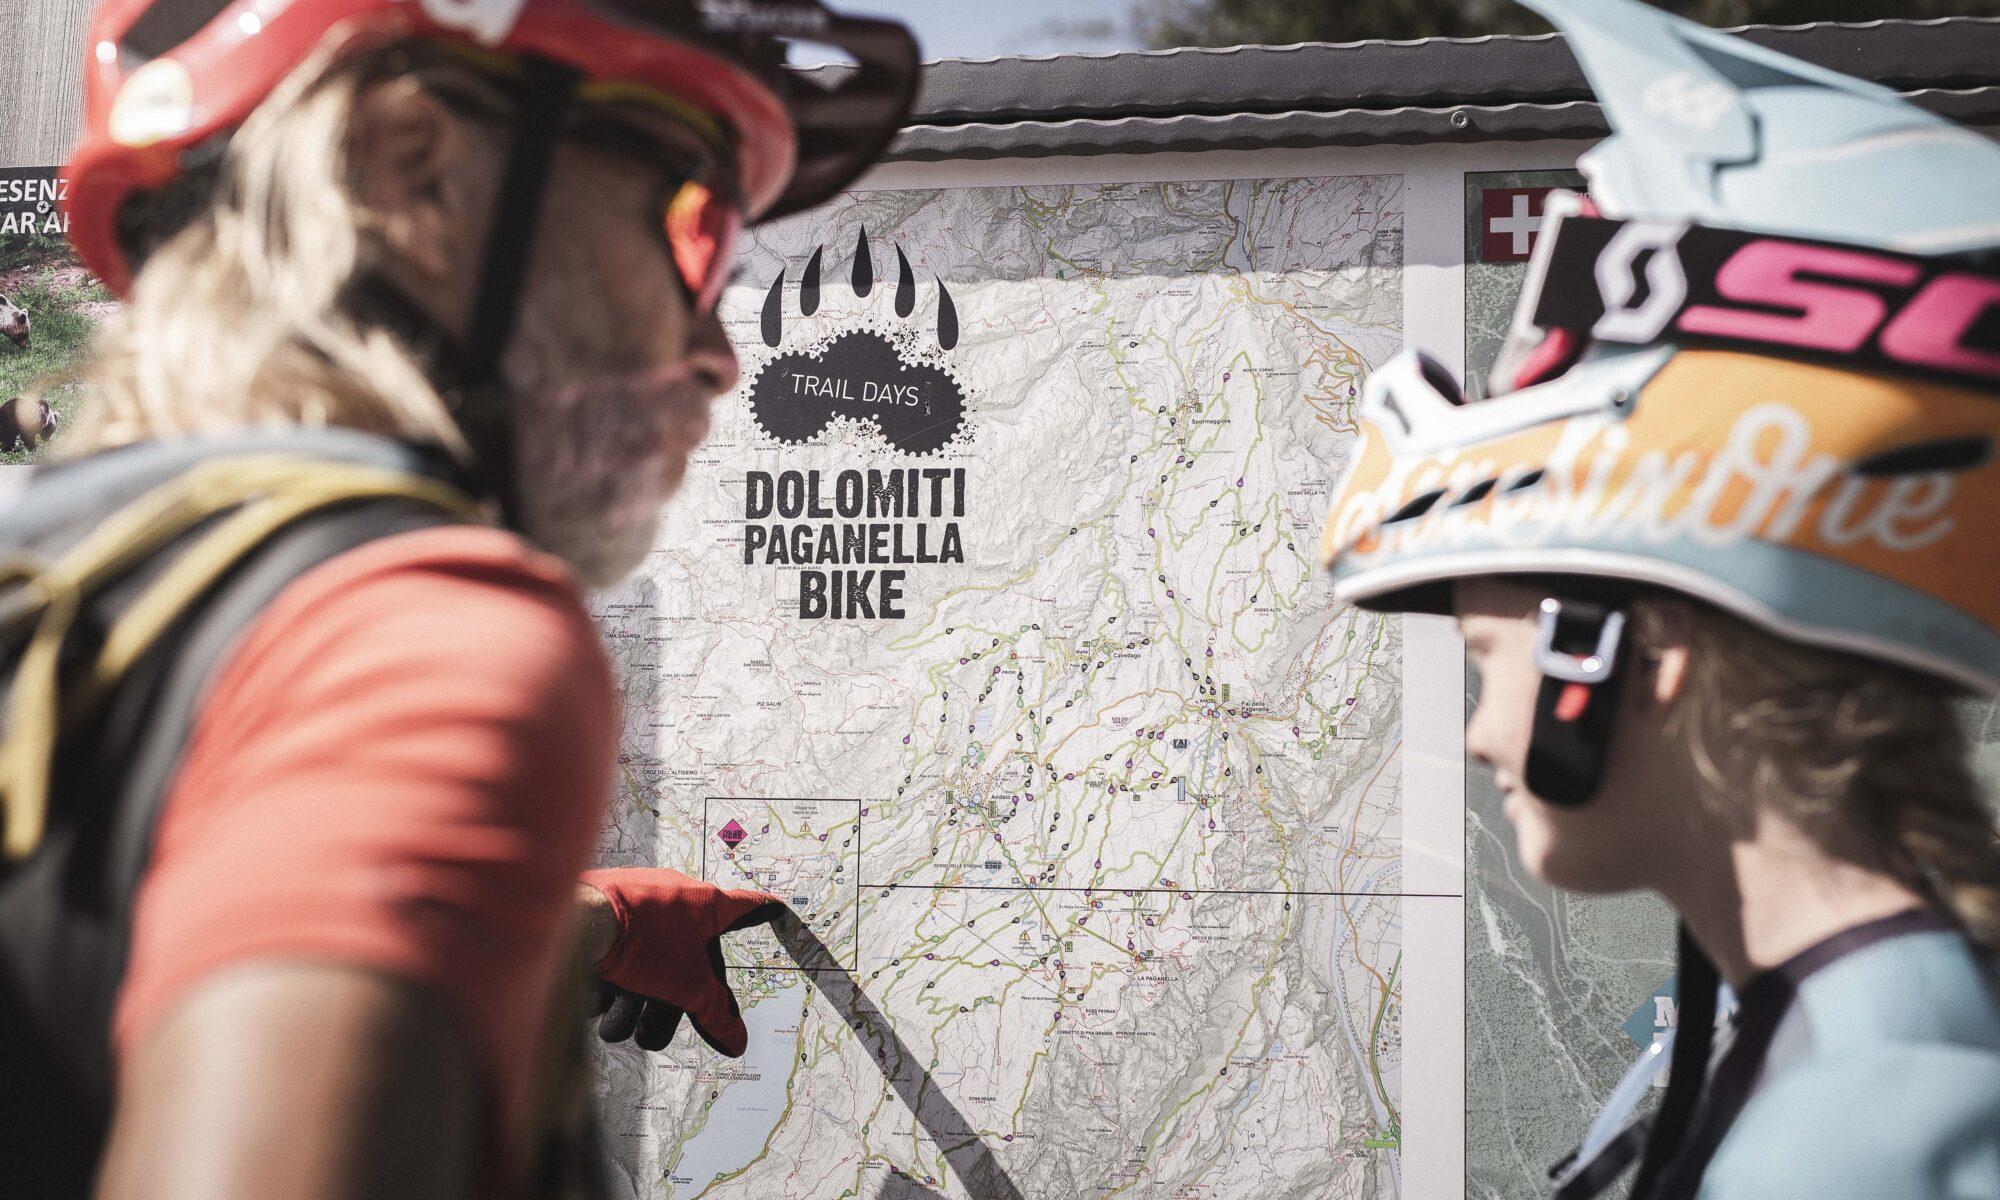 203_paganella-bike_©KOTTERSTEGER-KOT_9441